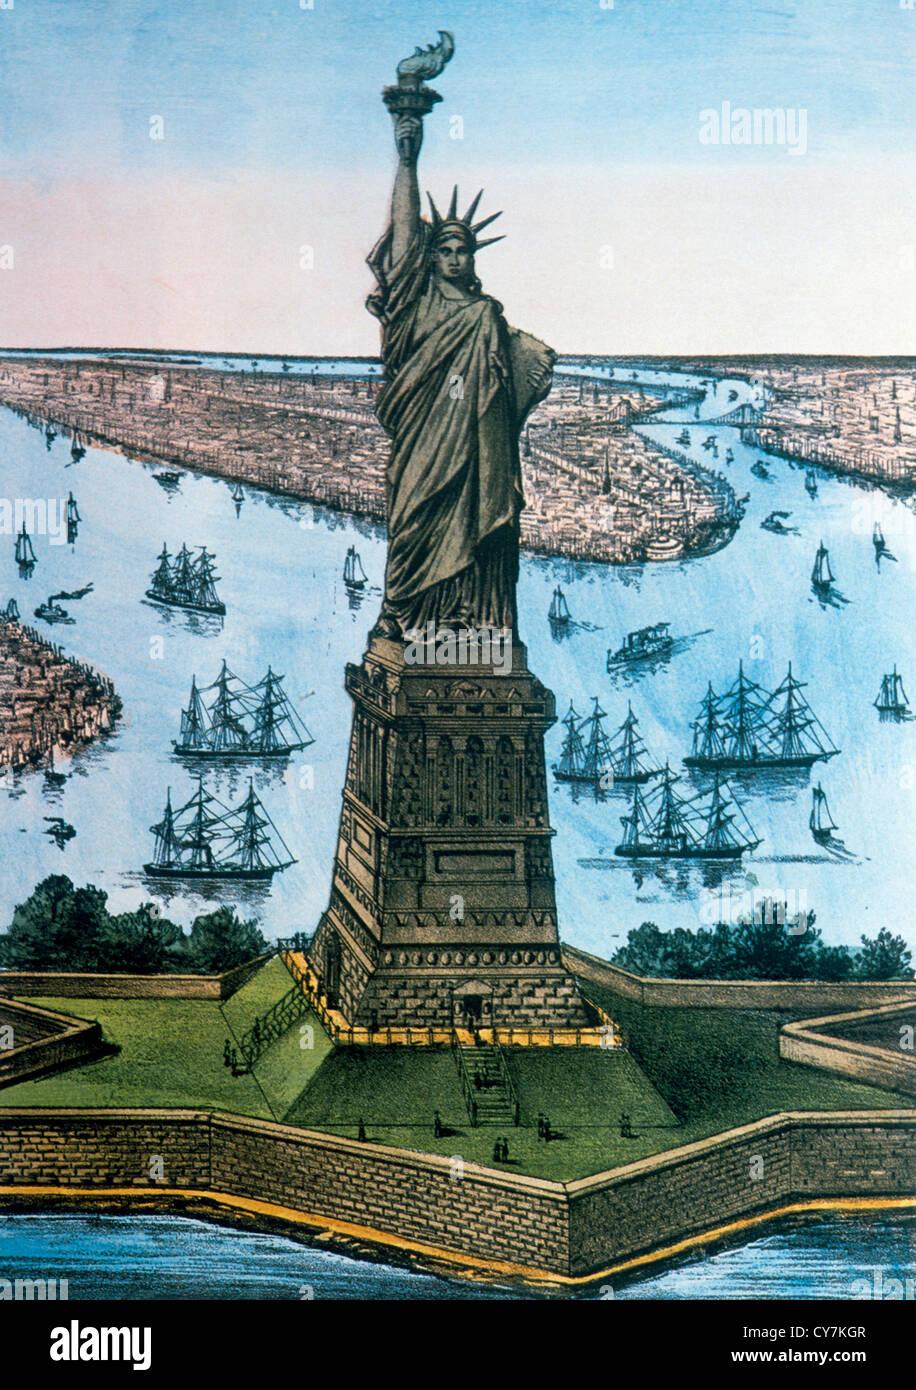 La estatua de la Libertad, Nueva York, Estados Unidos, Currier & Ives, litografía, circa 1885 Foto de stock